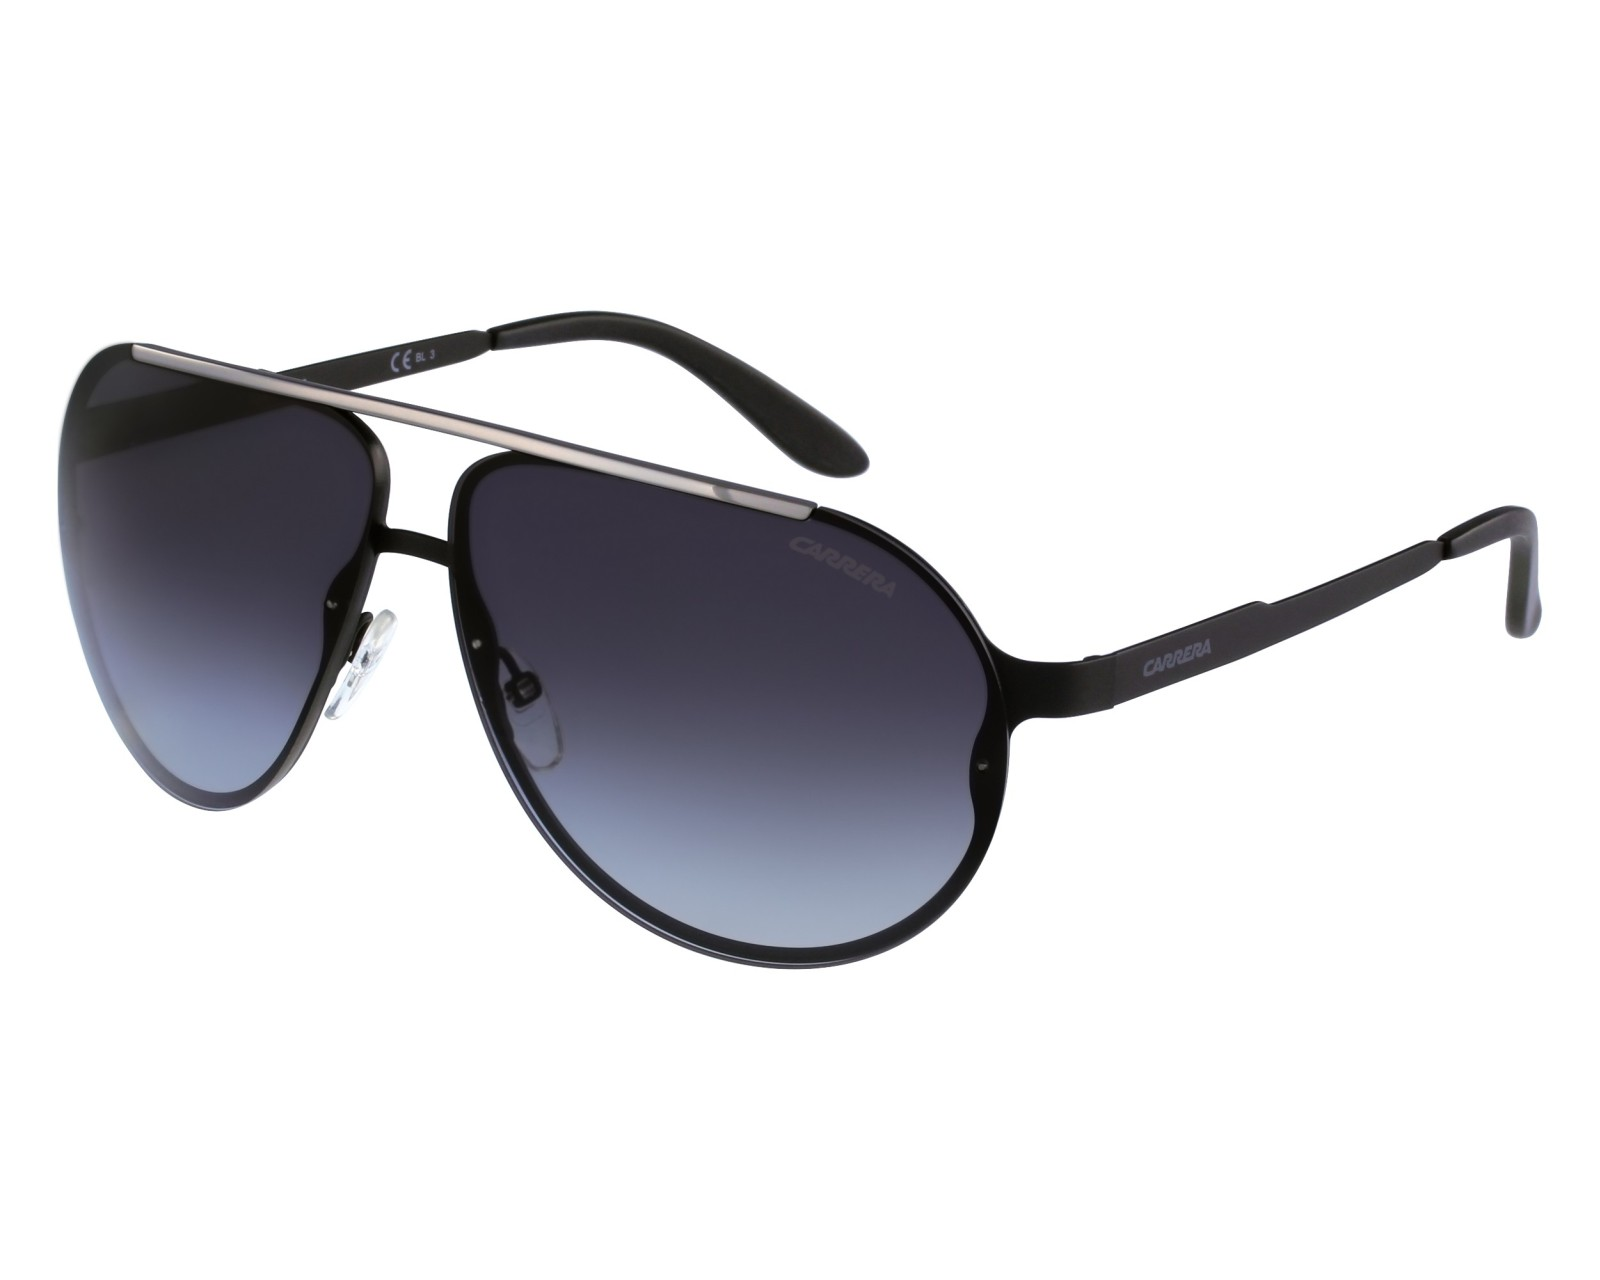 Carrera Eyewear Herren Sonnenbrille » CARRERA 90/S«, schwarz, 003/HD - schwarz/grau